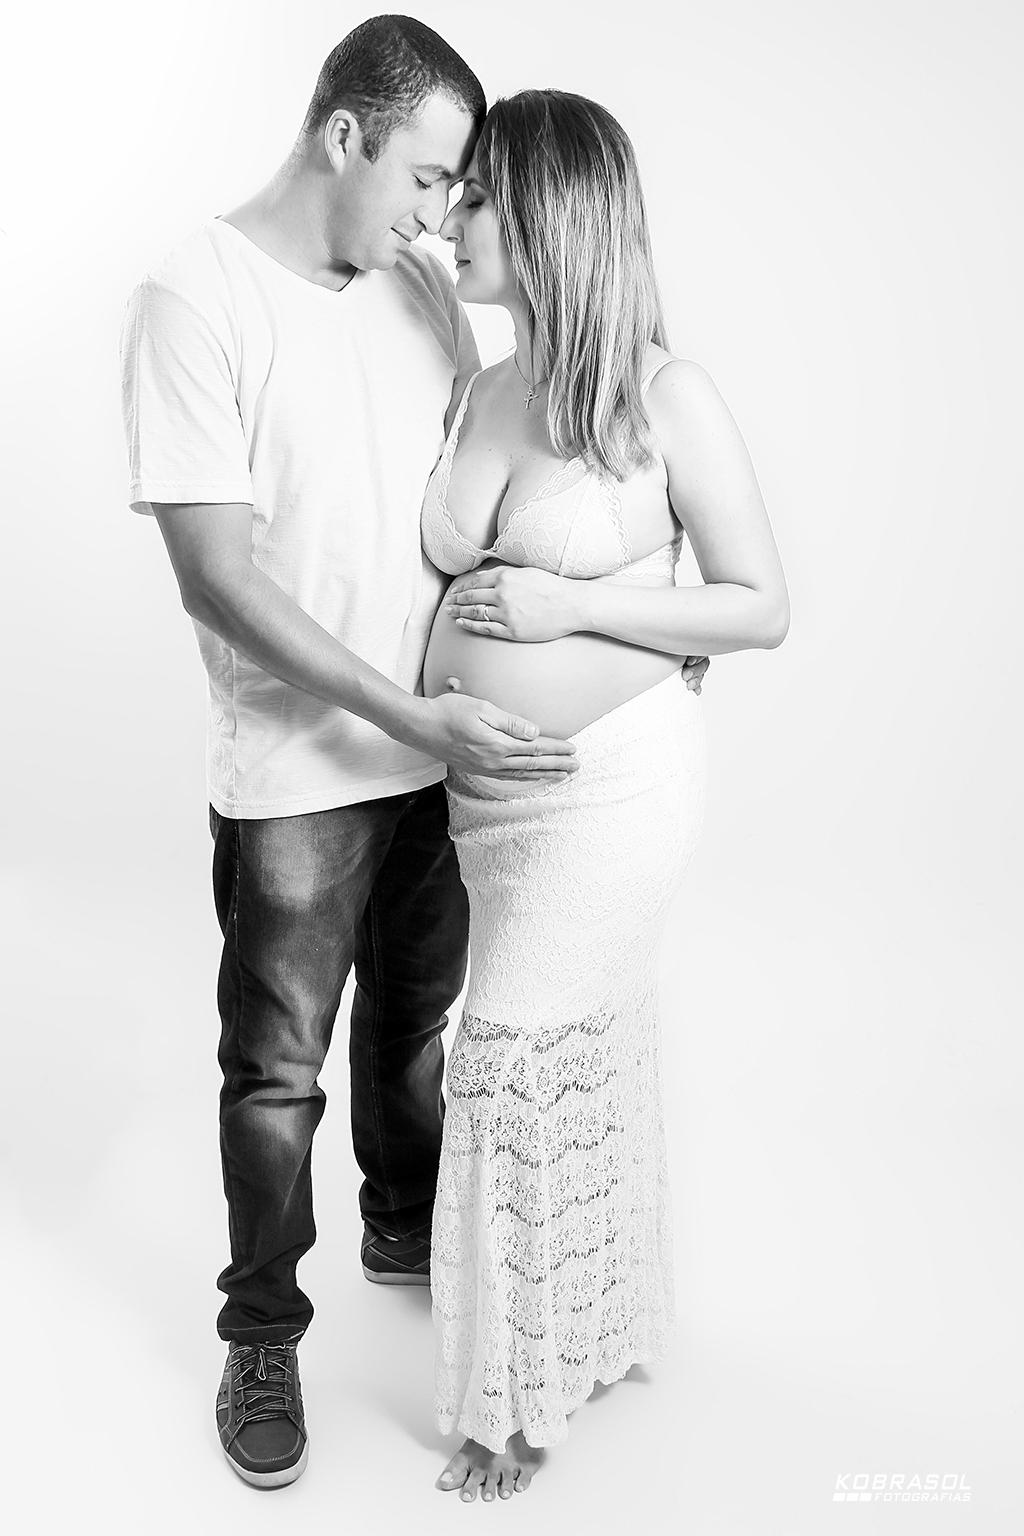 gestante, pregnant, pregnancy, esperandoumbebe, doceespera, maternidadegestante, pregnant, pregnancy, esperandoumbebe, doceespera, maternidade